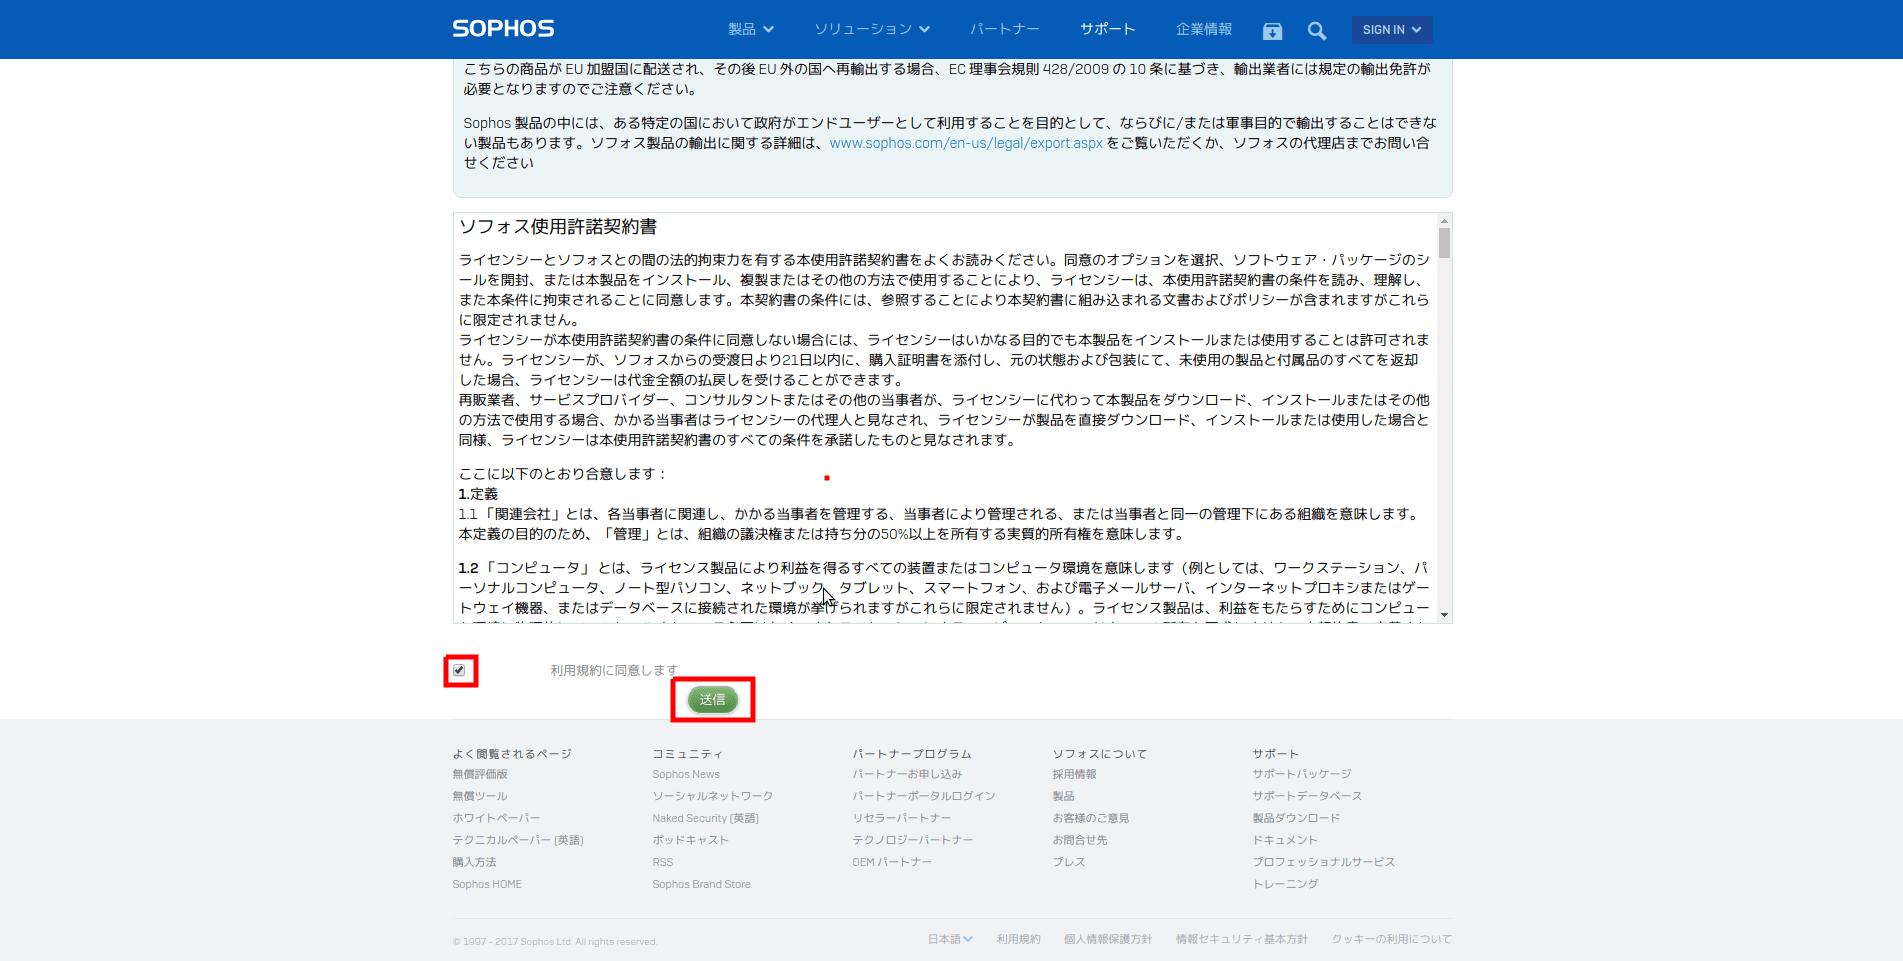 Sophos IDEファイル配布ページ - Sophos Downloads